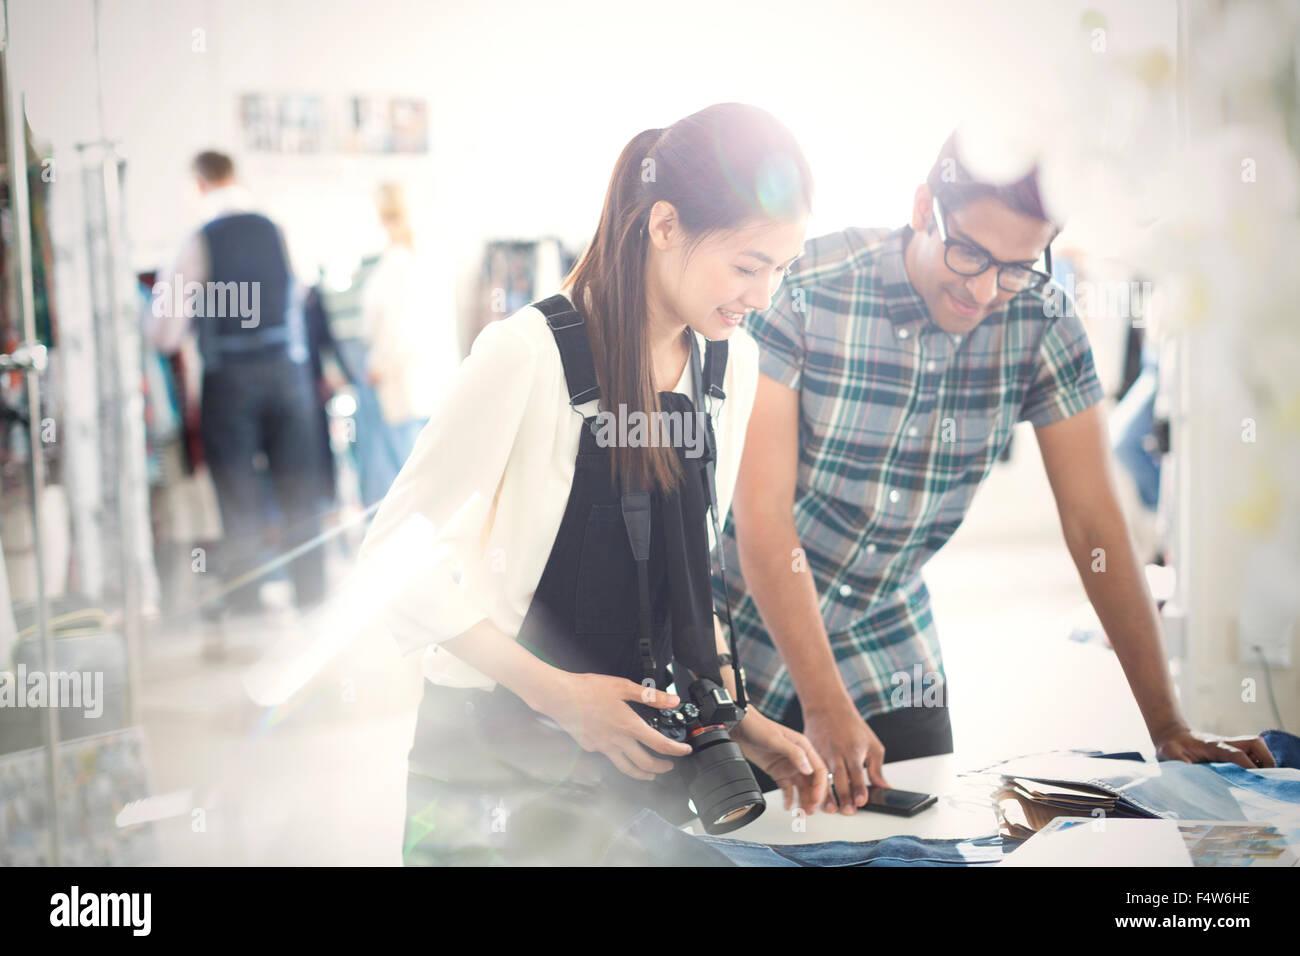 Photographe et designer de mode affichage des épreuves de bureau ensoleillé Photo Stock